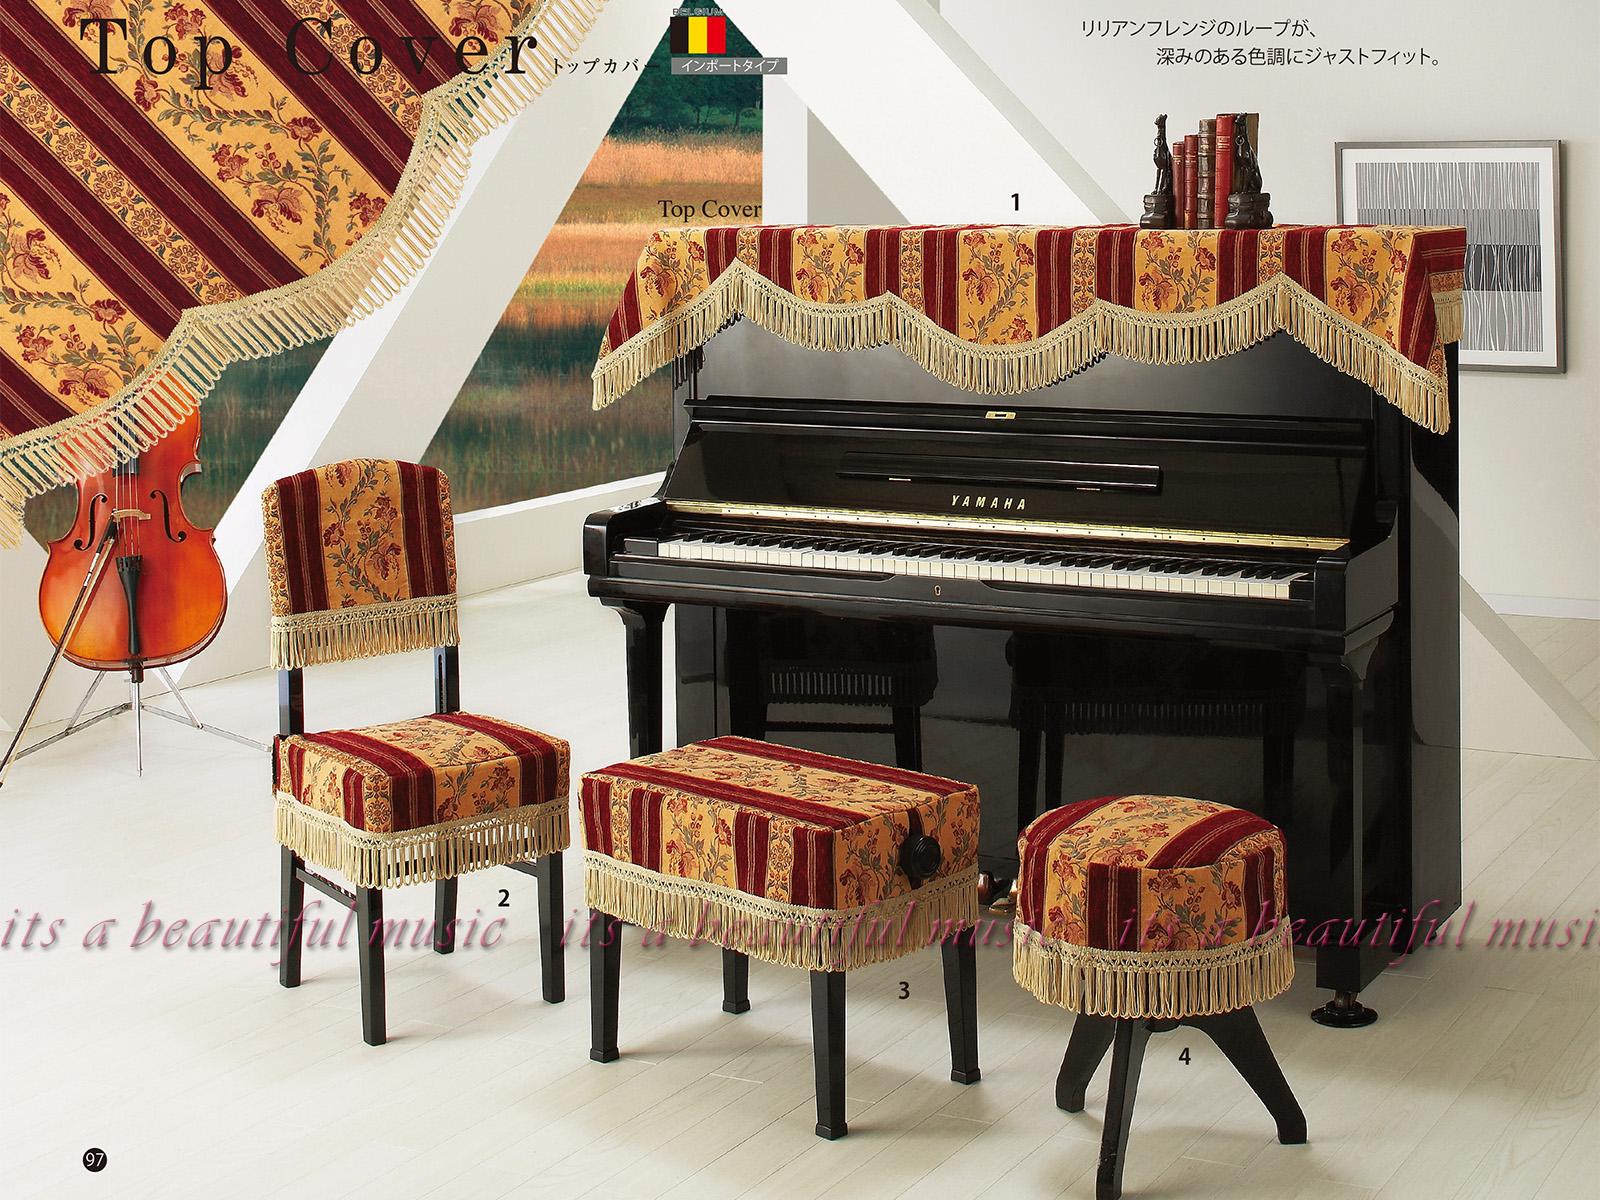 【its】アップライトピアノカバー(トップカバー)アルプスTG-110「ベルギー製ゴブランを使った花とストライプ柄」【フリーサイズ】(アルプスG110シリーズ)